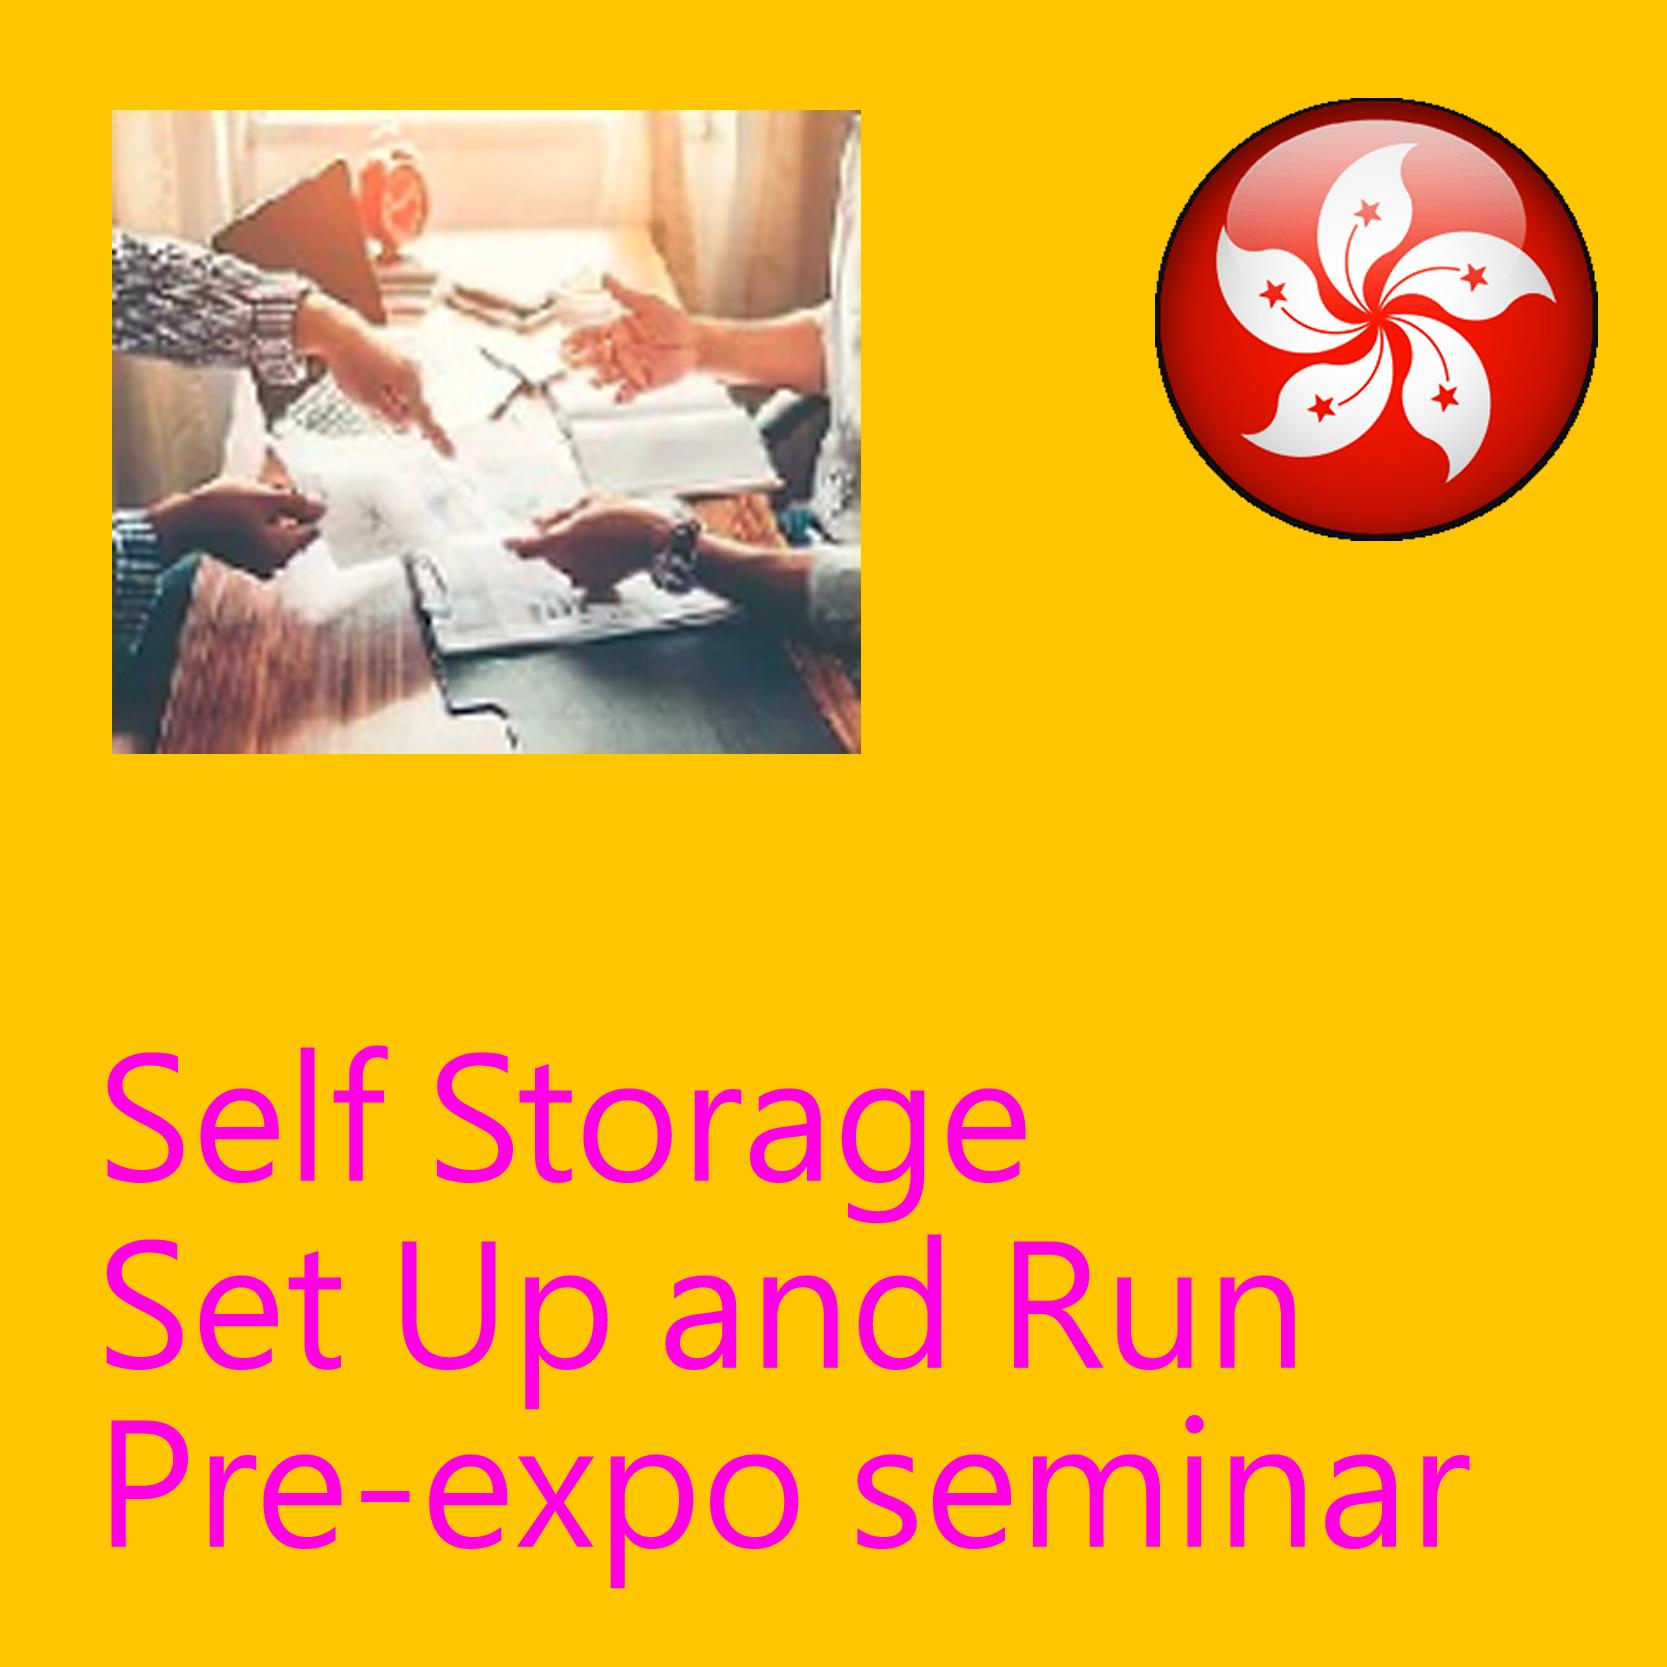 May 16 - Self Storage Set Up and Run Pre-expo Seminar